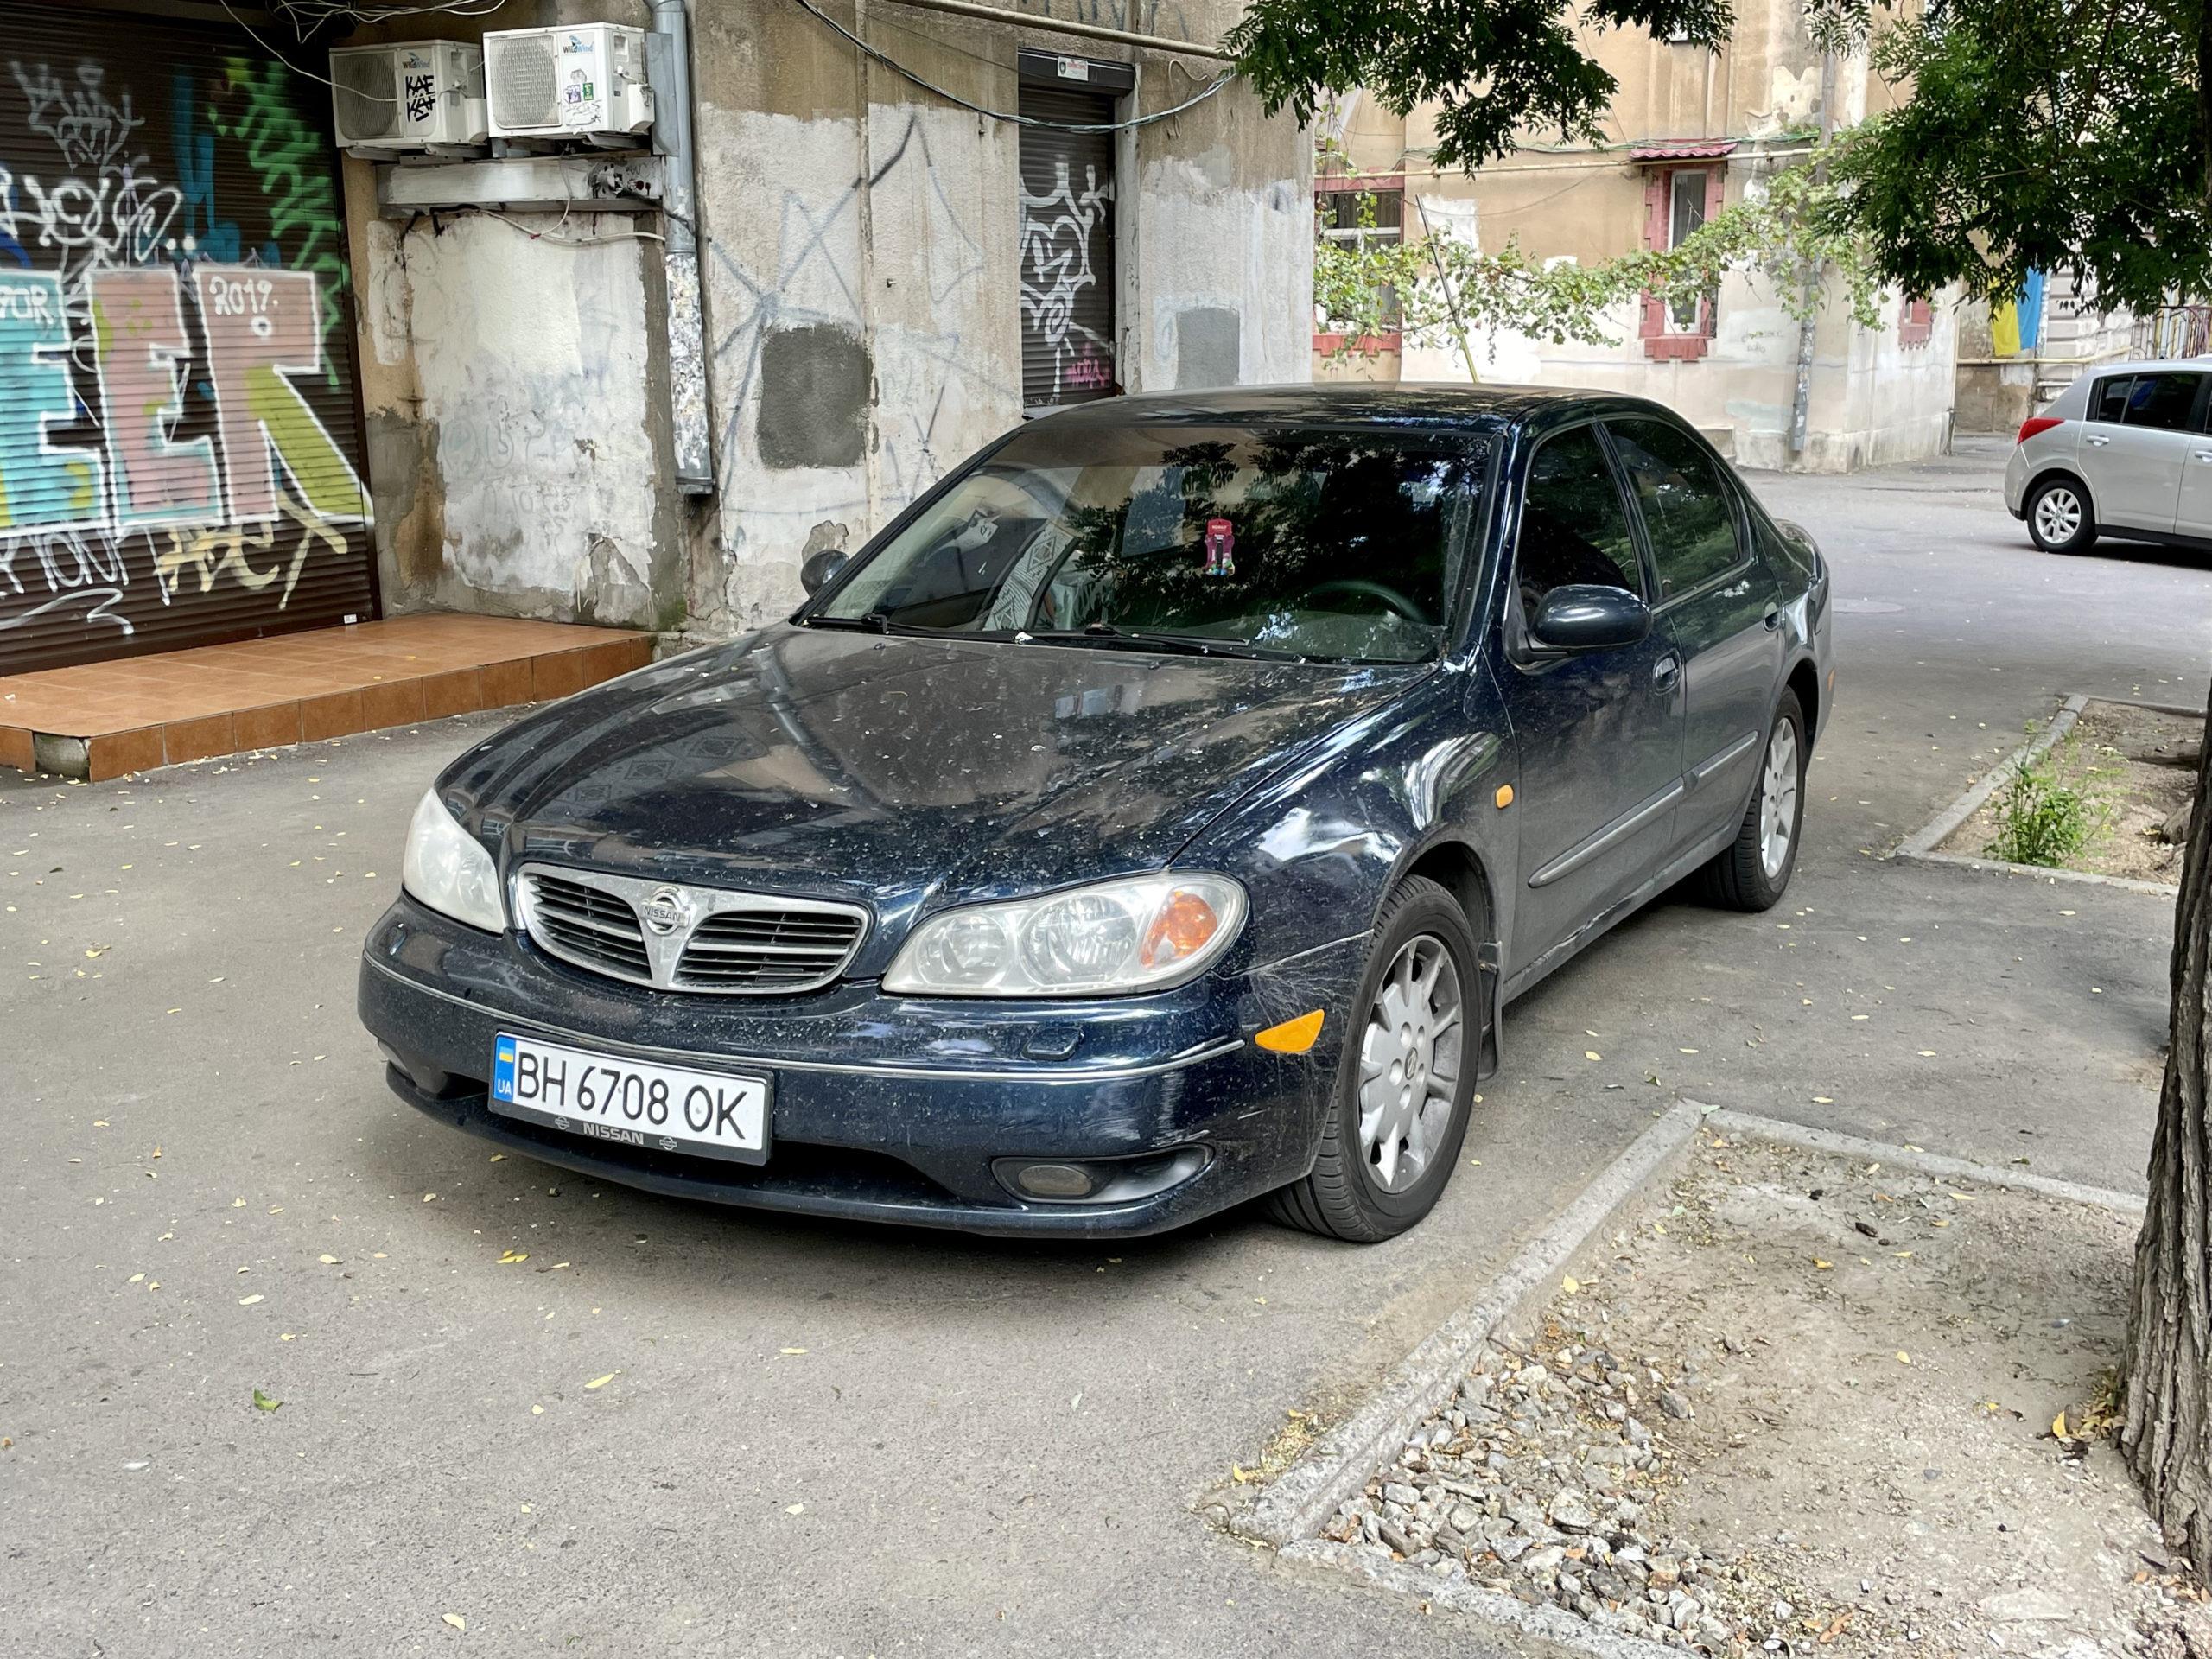 Nissan Maxima z silnikiem V6 musi się cieszyć uznaniem bo tych aut jest sporo na drogach Besarabii